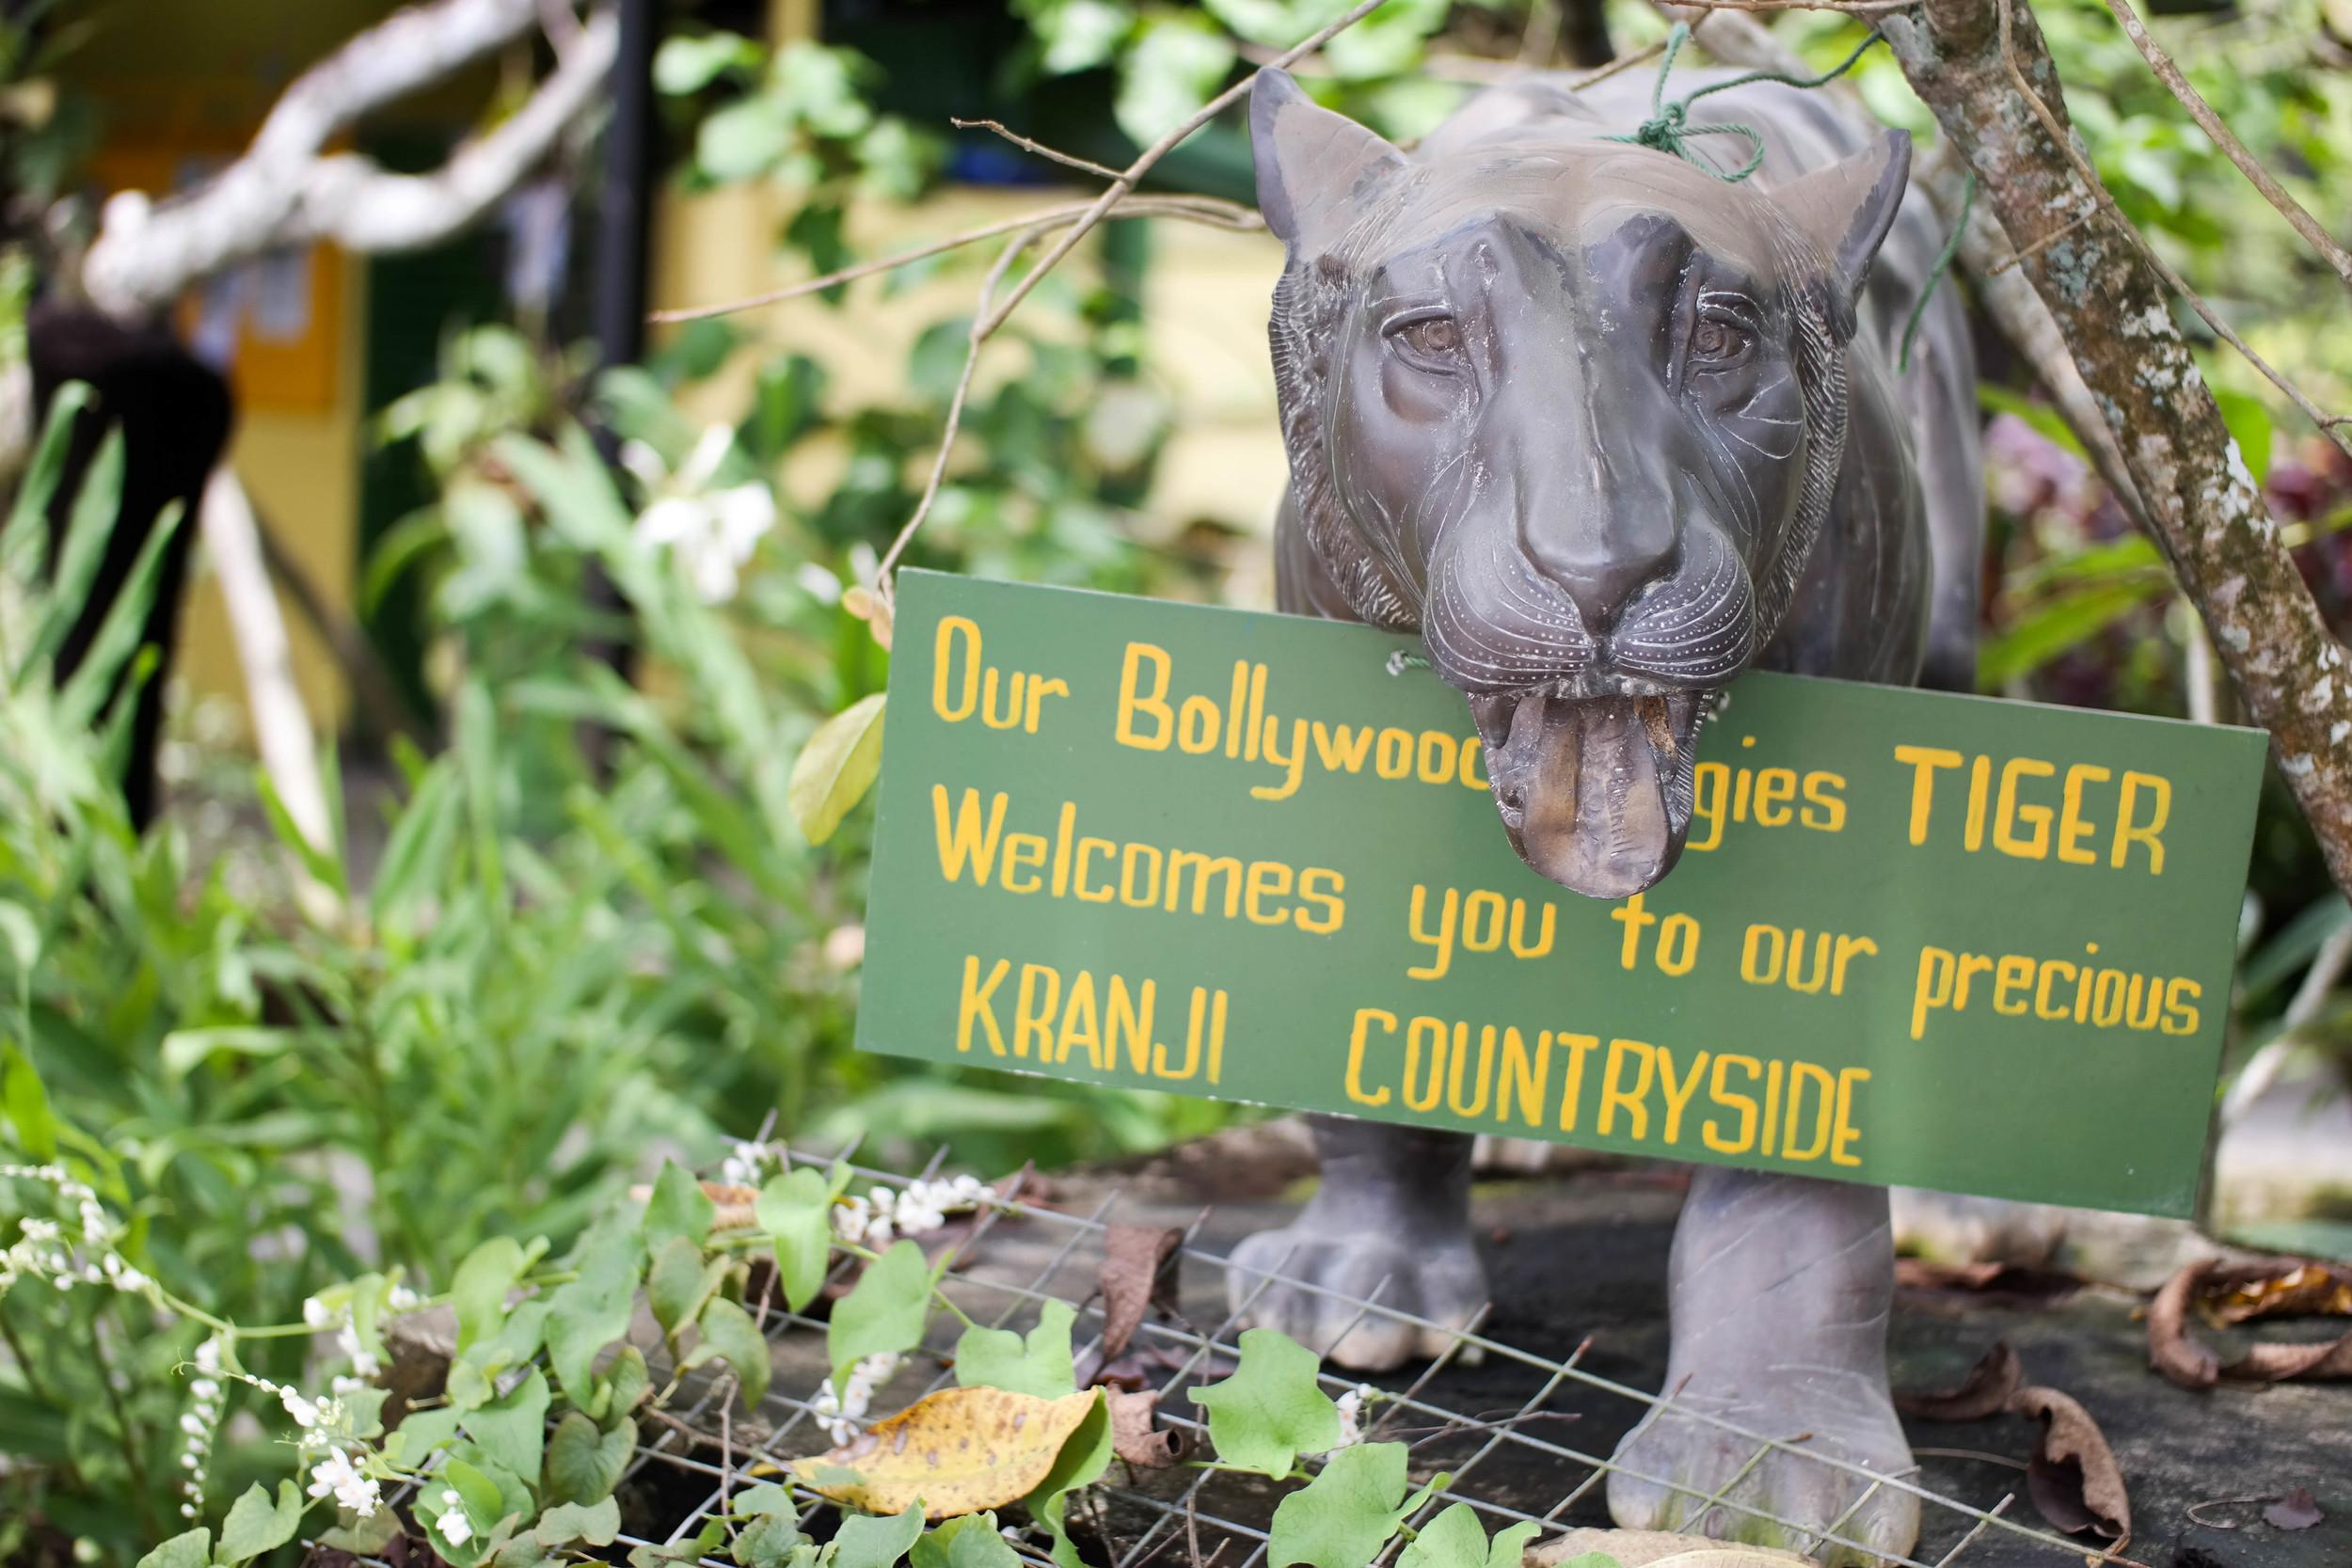 Bollywood Organic Farm